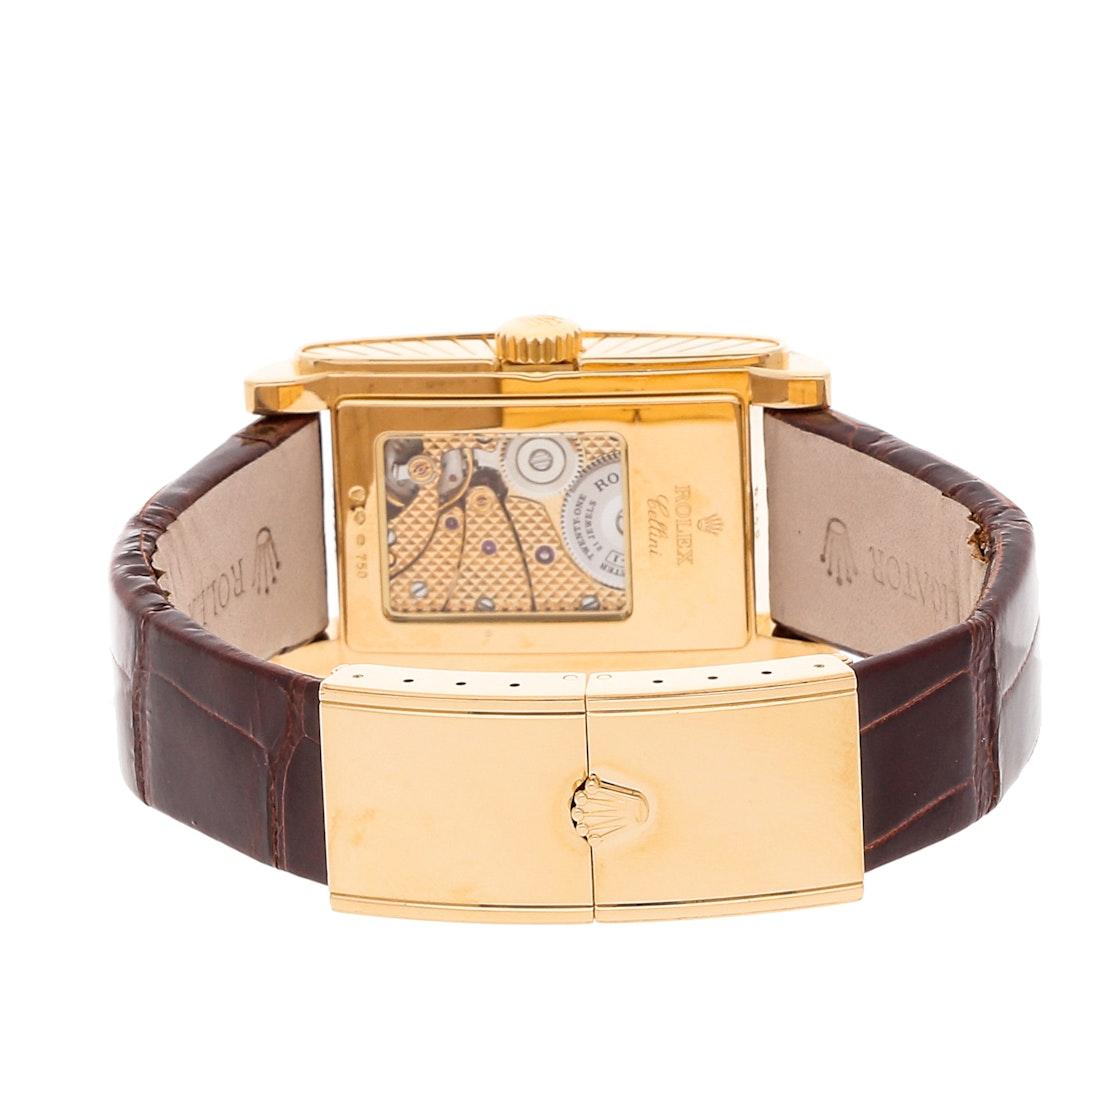 Rolex Cellini Prince 5440/8